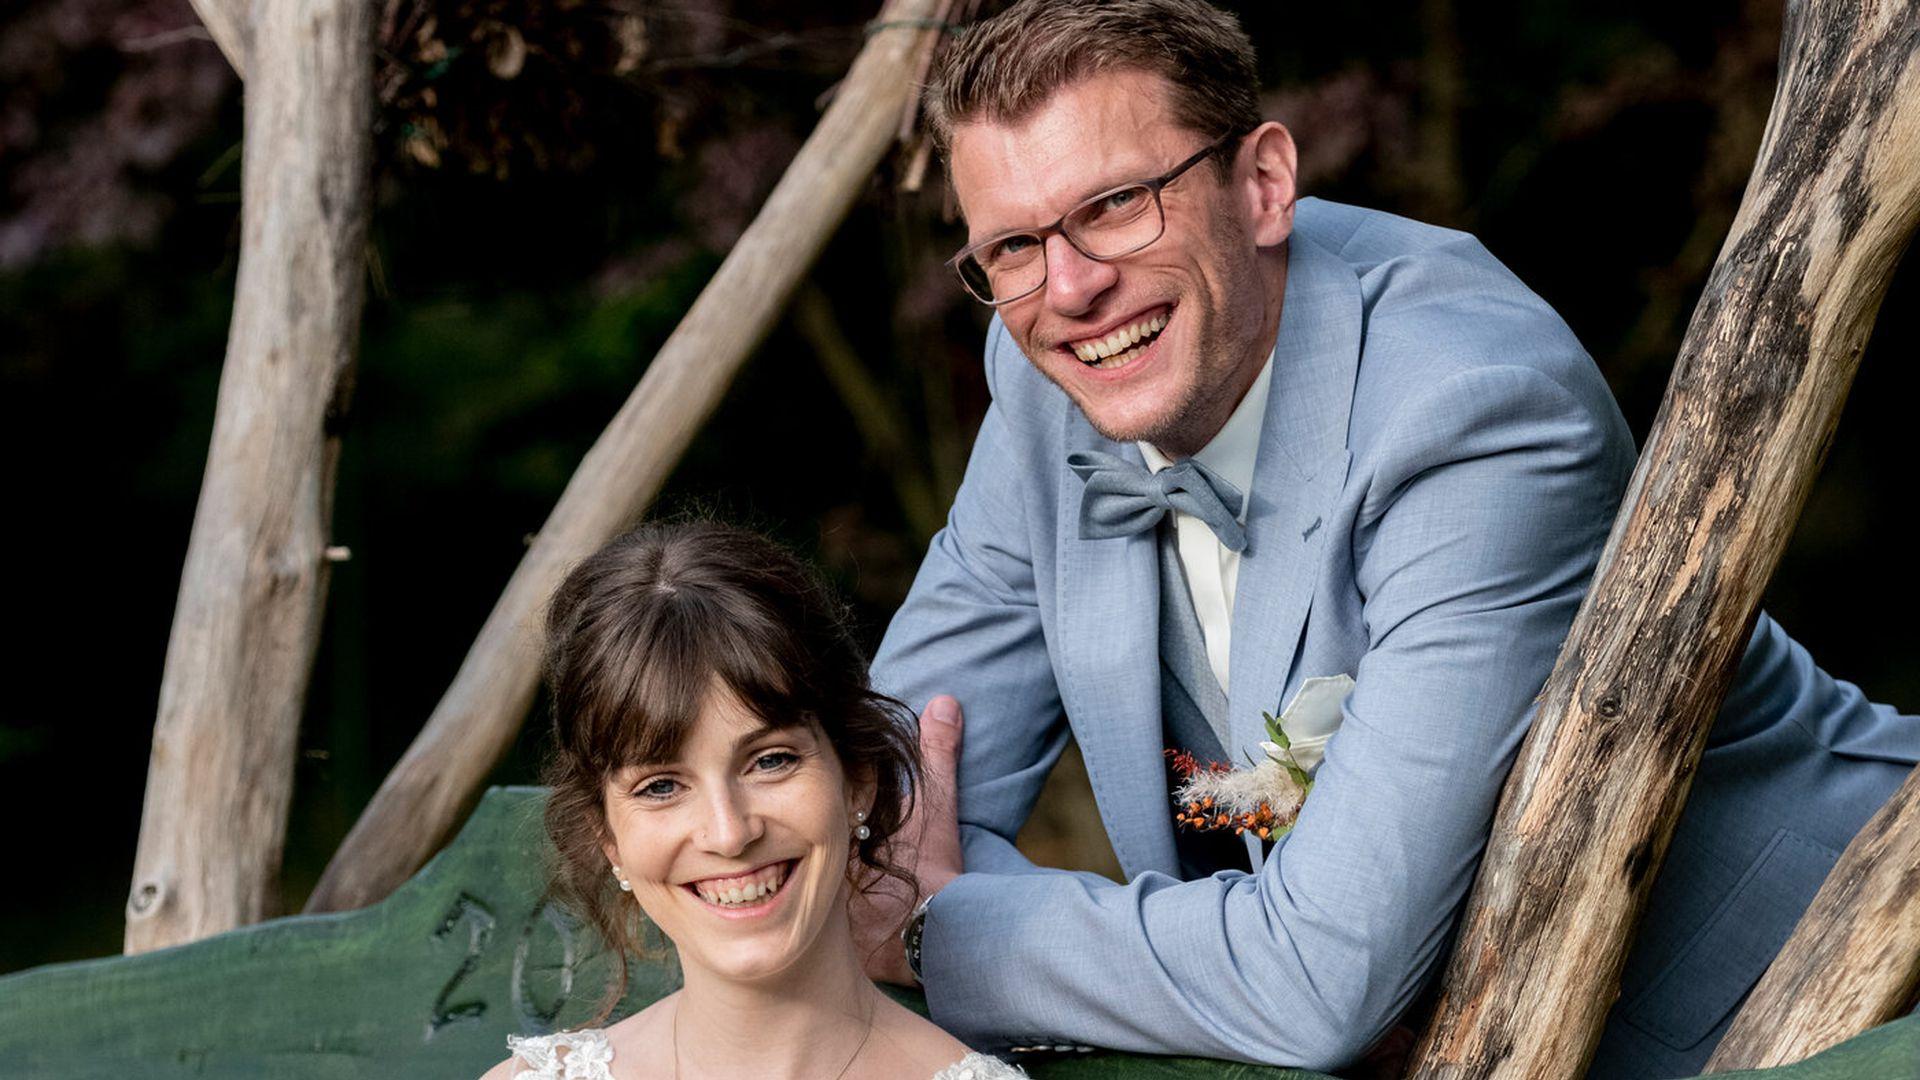 Will Hochzeit Auf Den Ersten Blick Annika Kids Mit Manuel Promiflash De